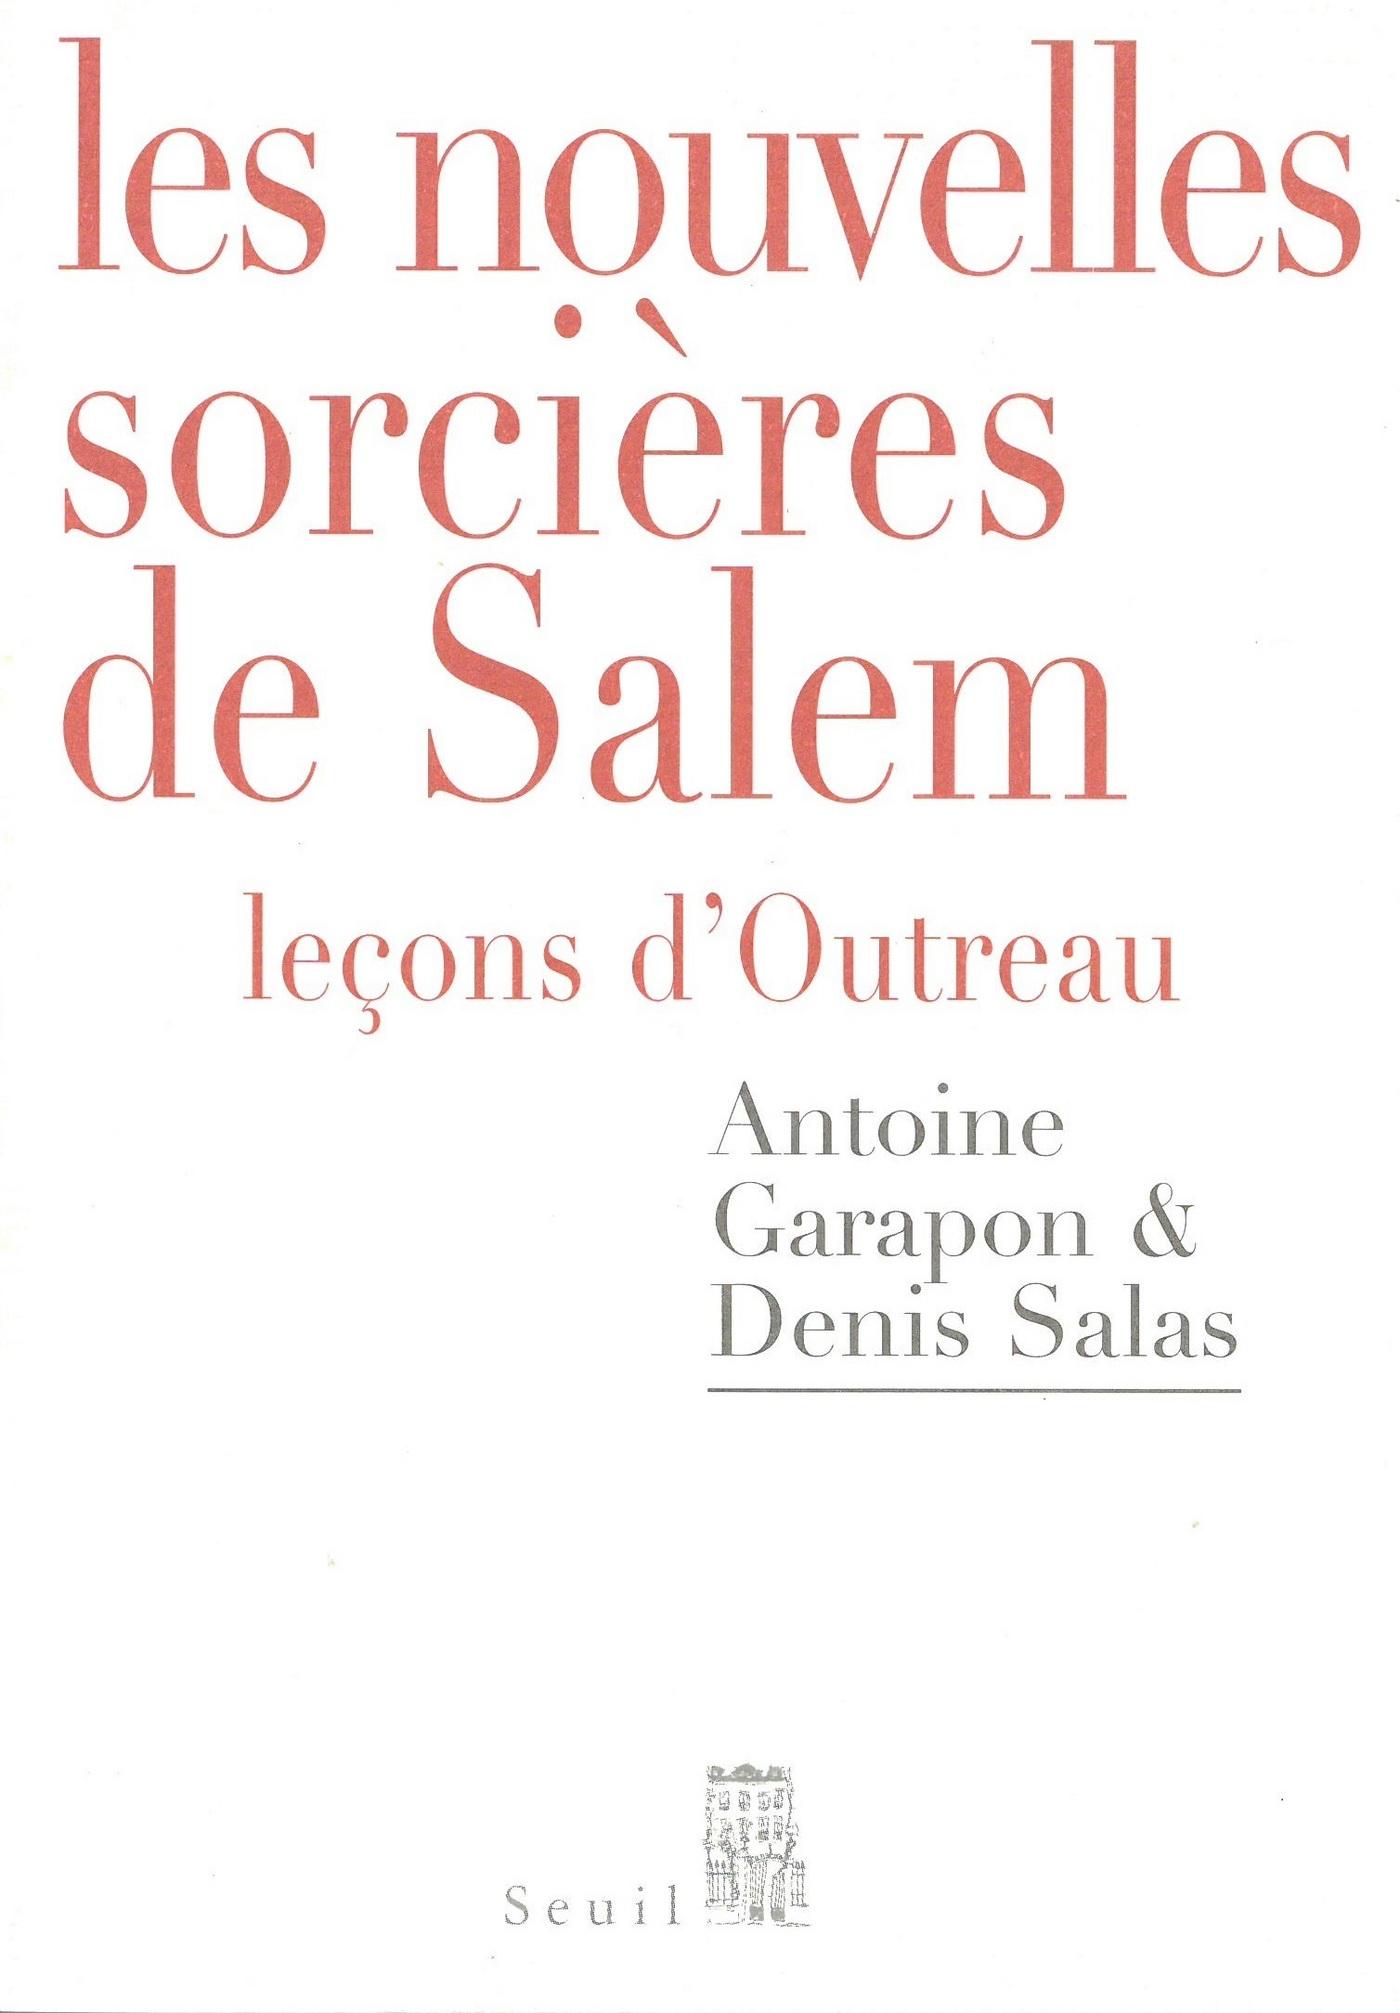 Les Nouvelles Sorcières de Salem - Leçons d'Outreau